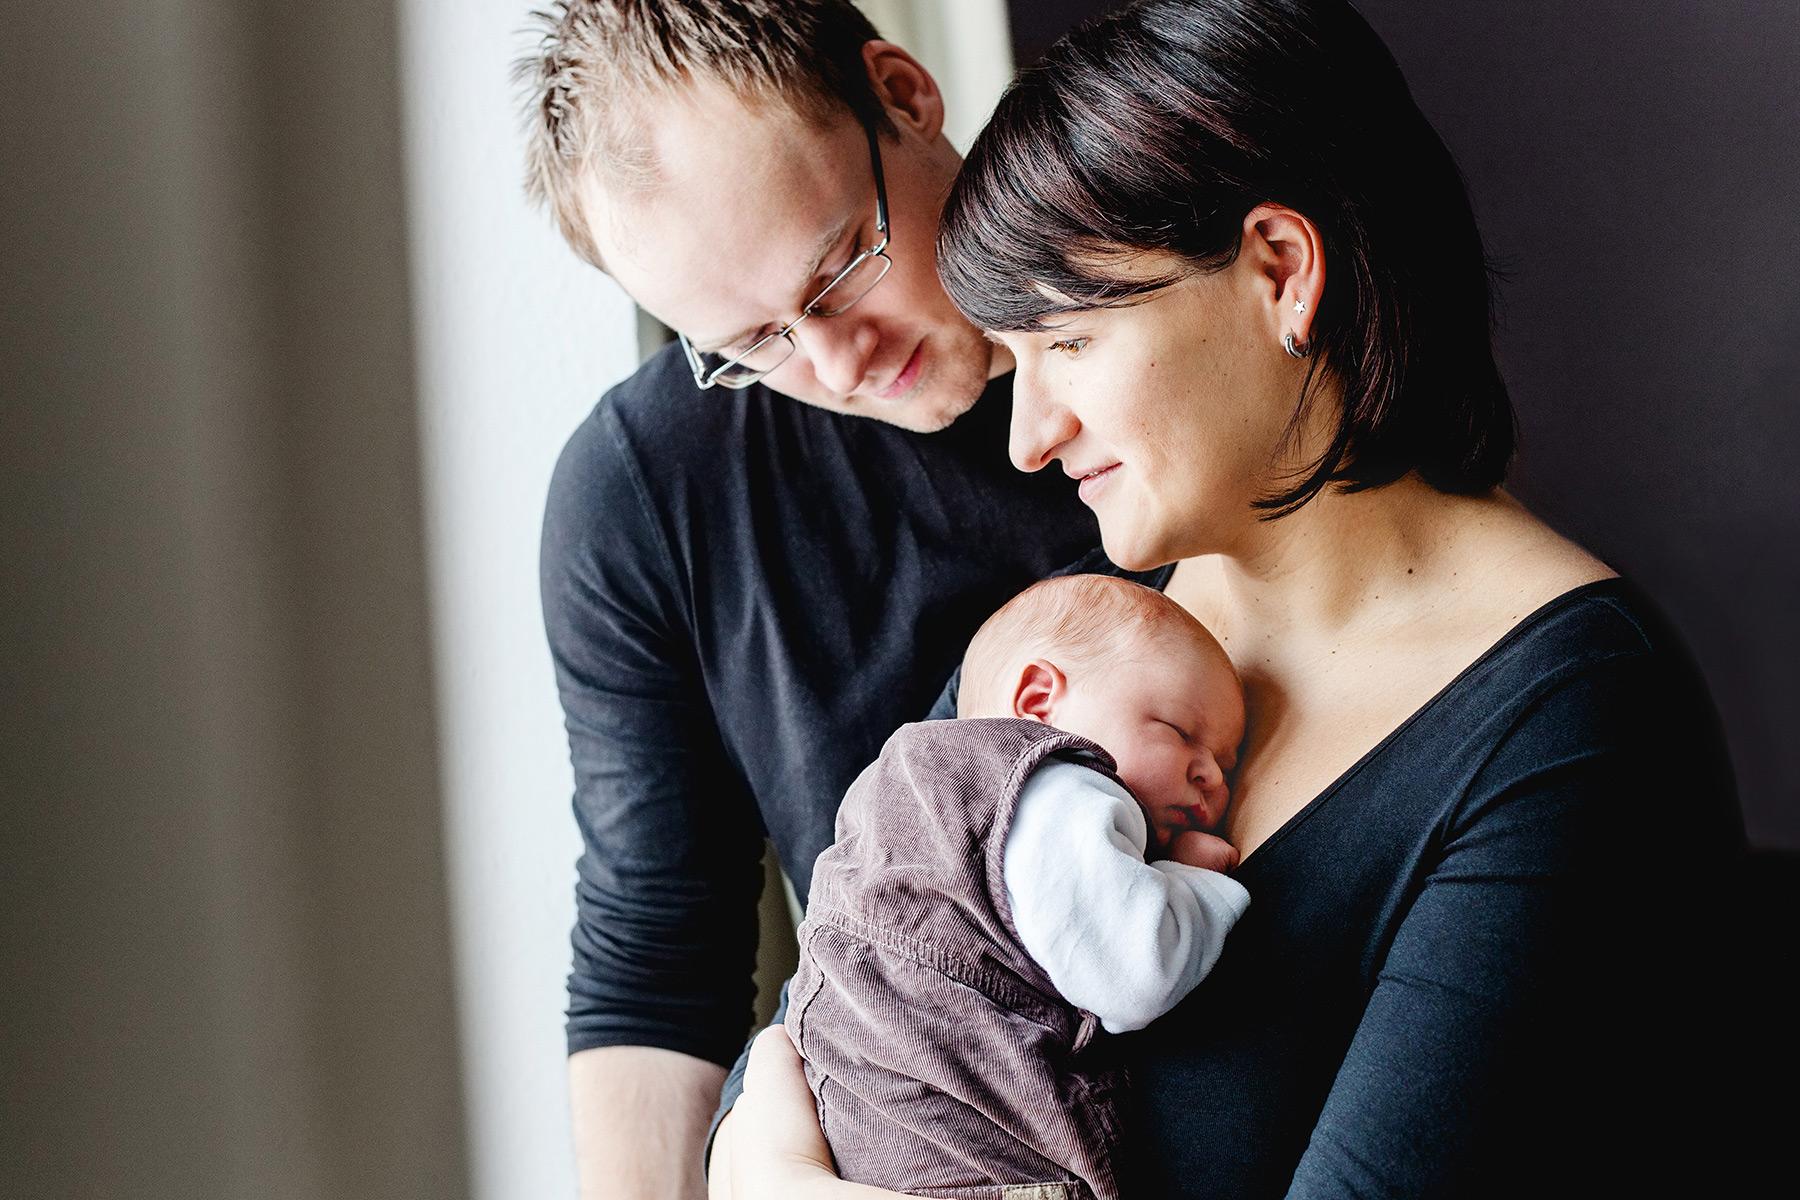 Eltern stehen gedankenversunken mit ihrem Baby am Fenster